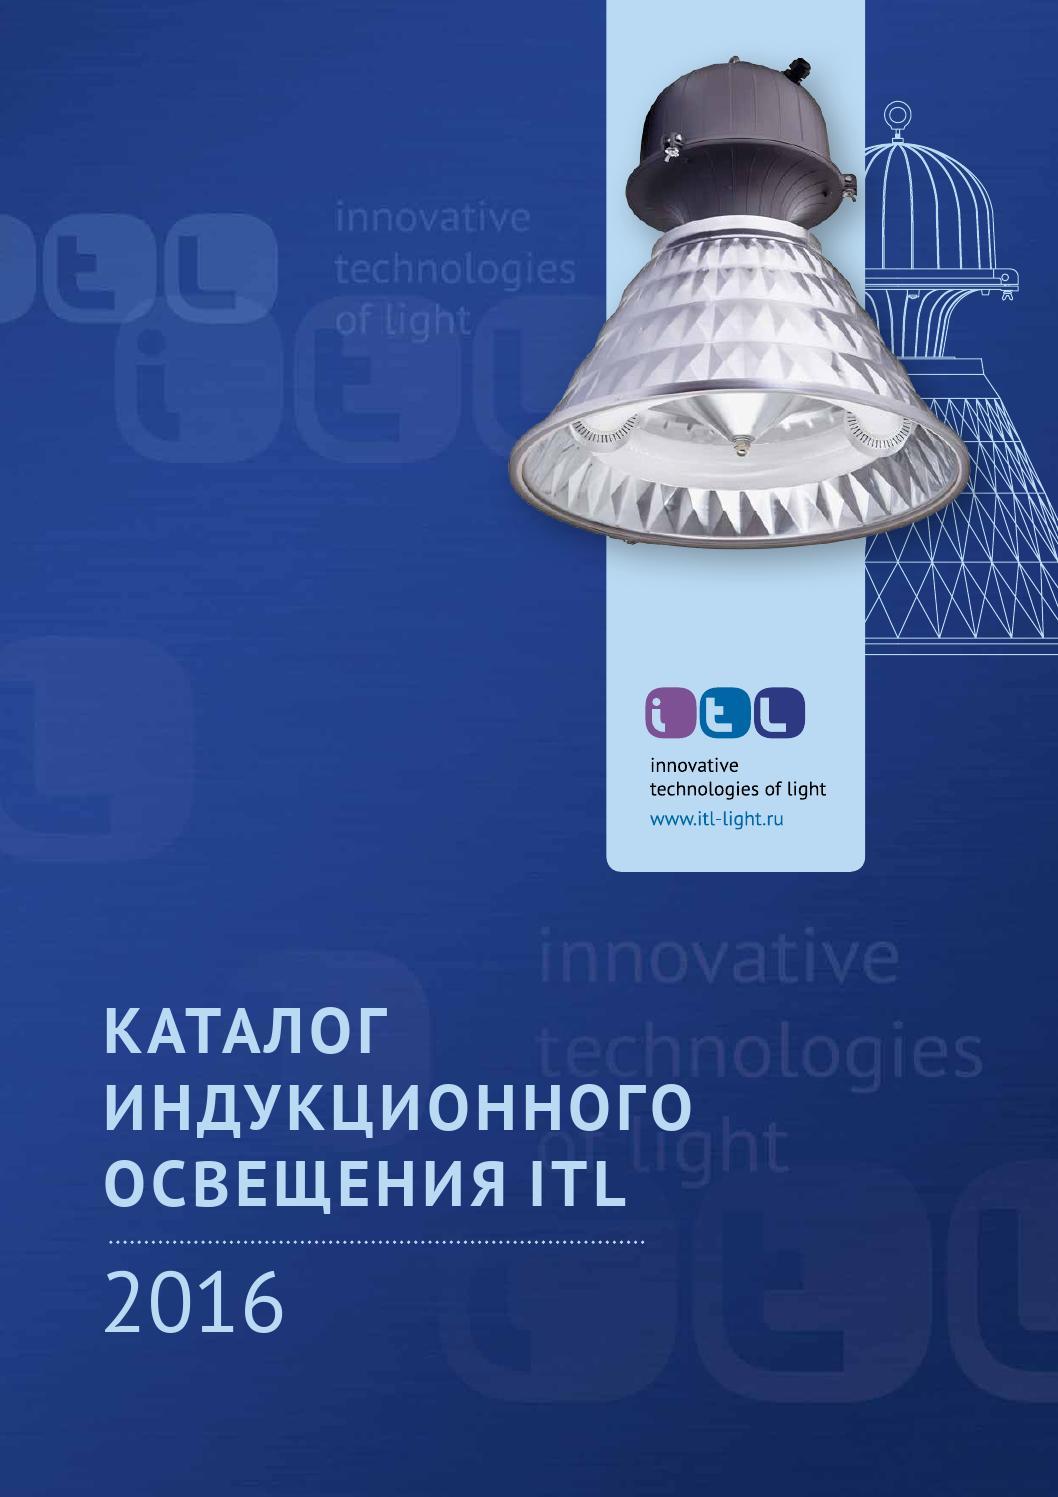 Стать дилером ITL - индукционное промышленное освещение